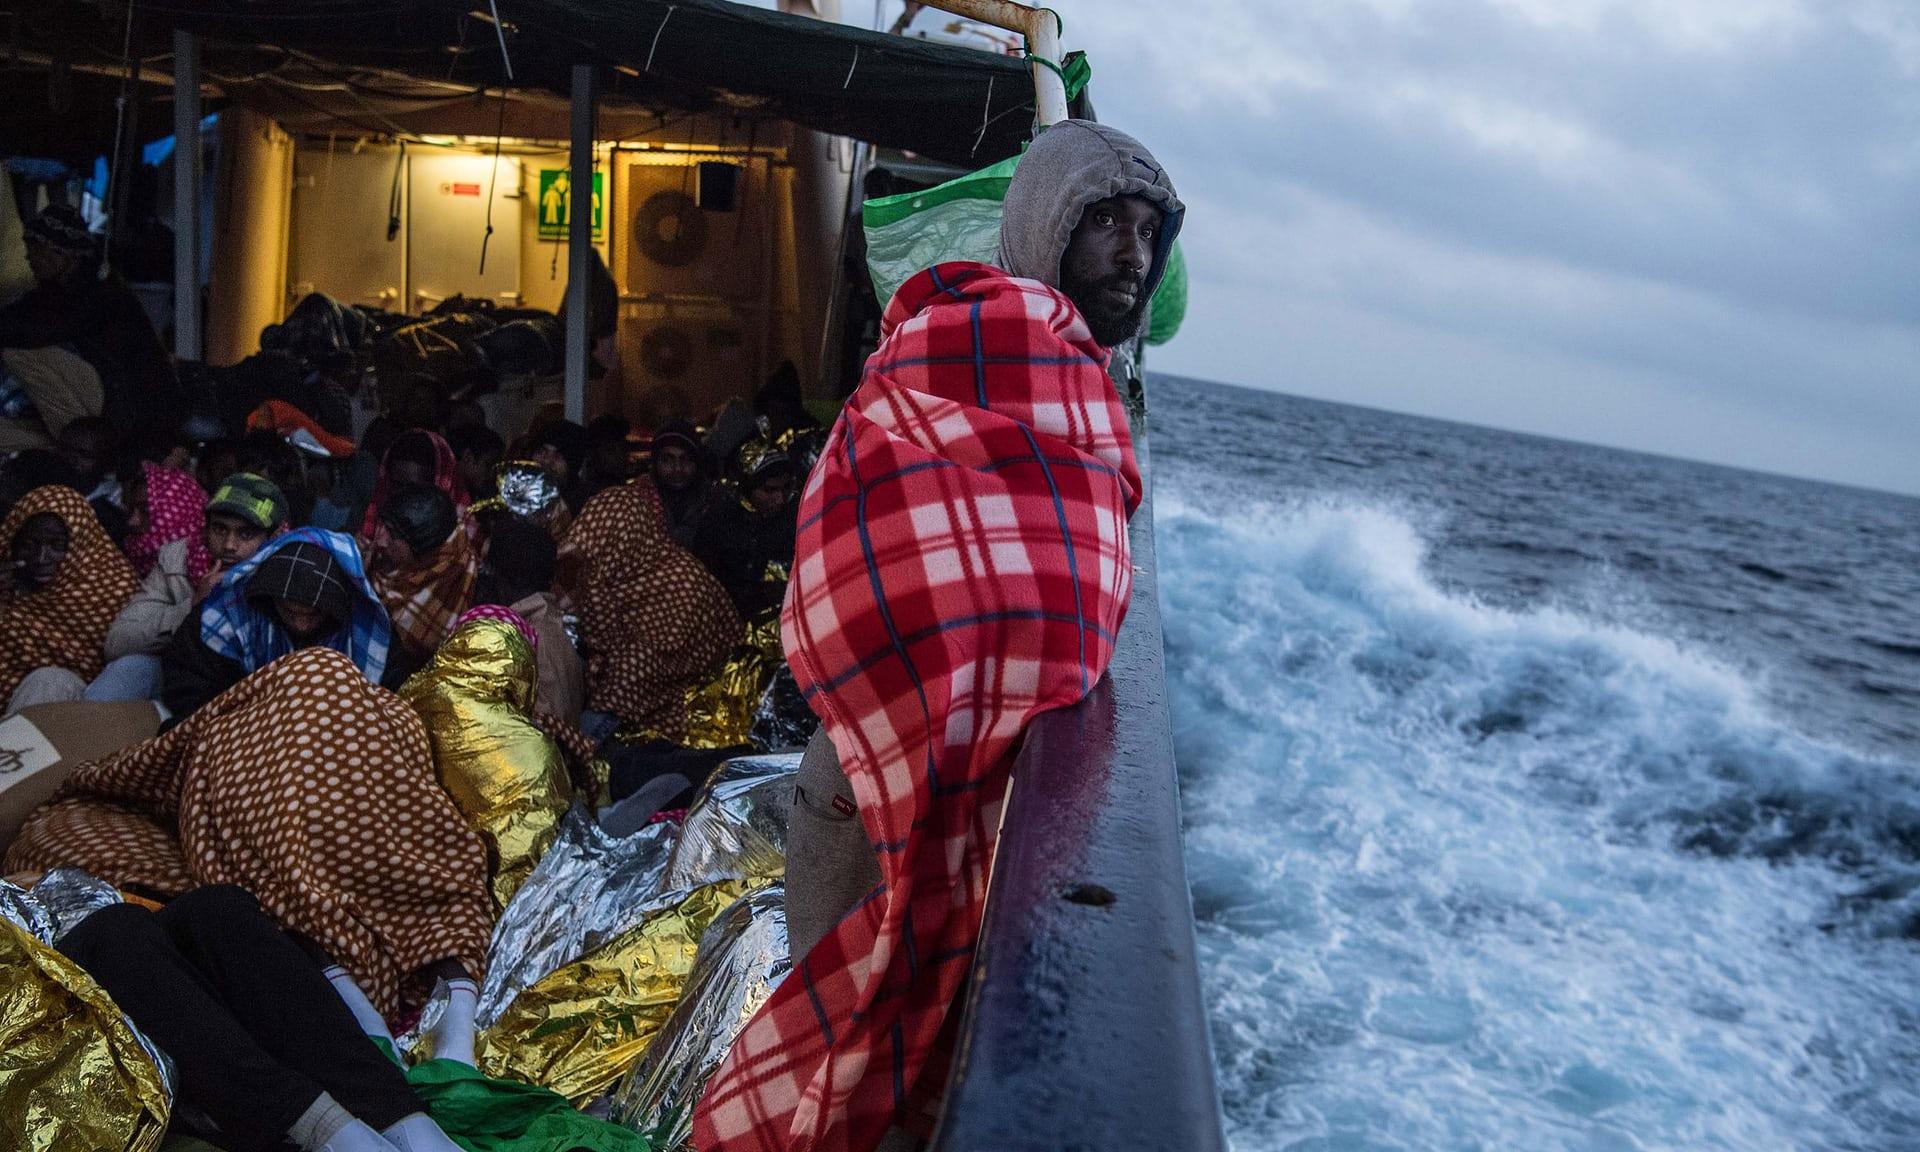 اللاجئين أثناء سفرهم على سفينة غير شرعيه